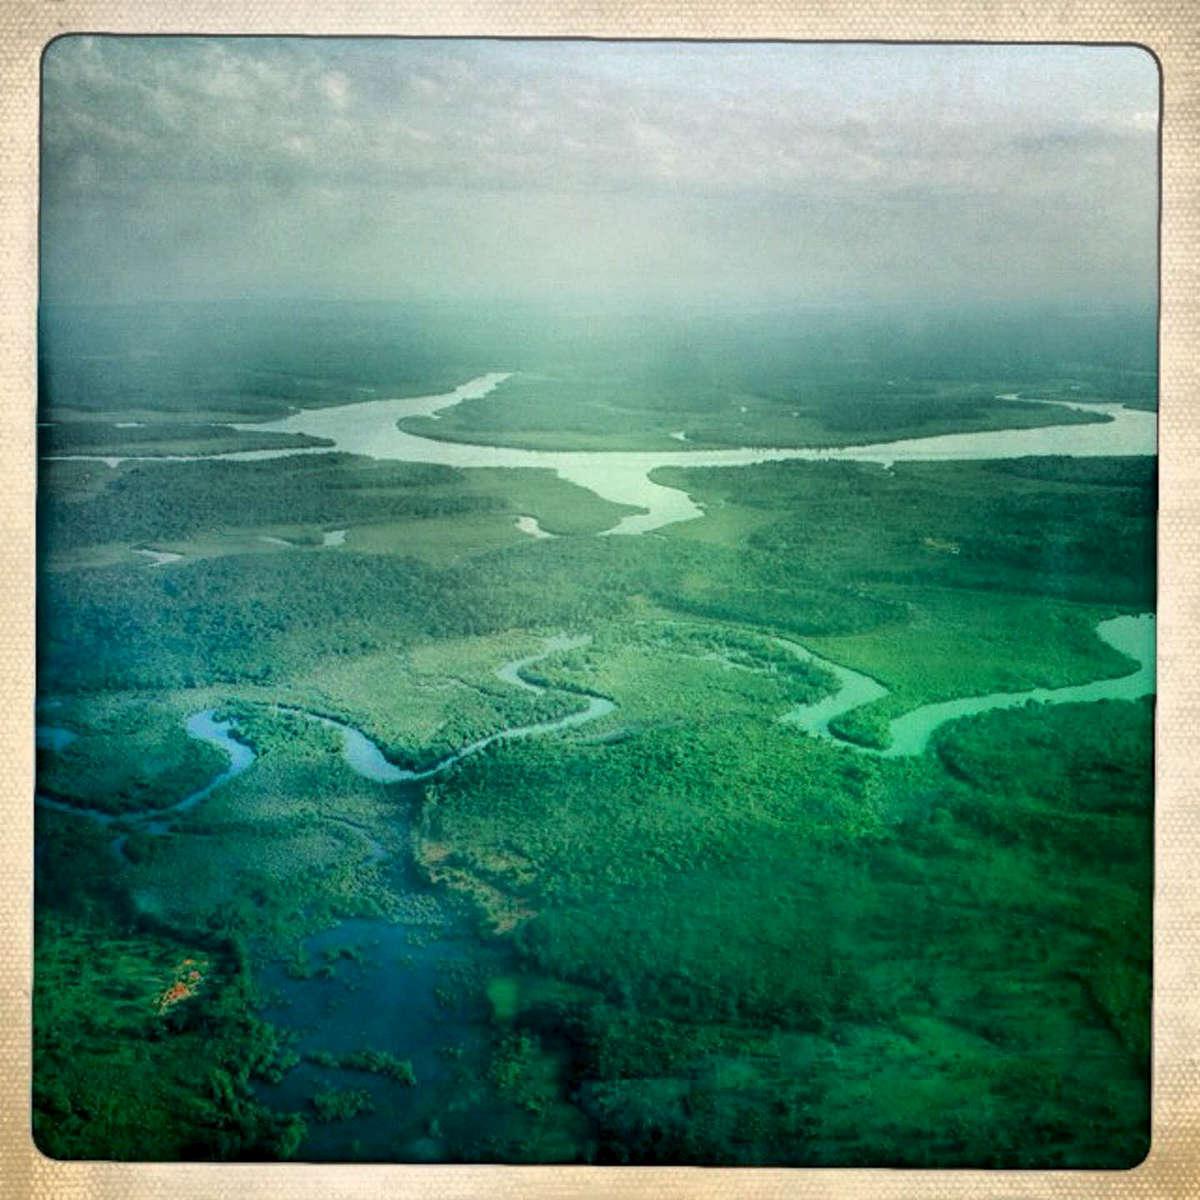 Flying above Sierra Leone. November 2012.